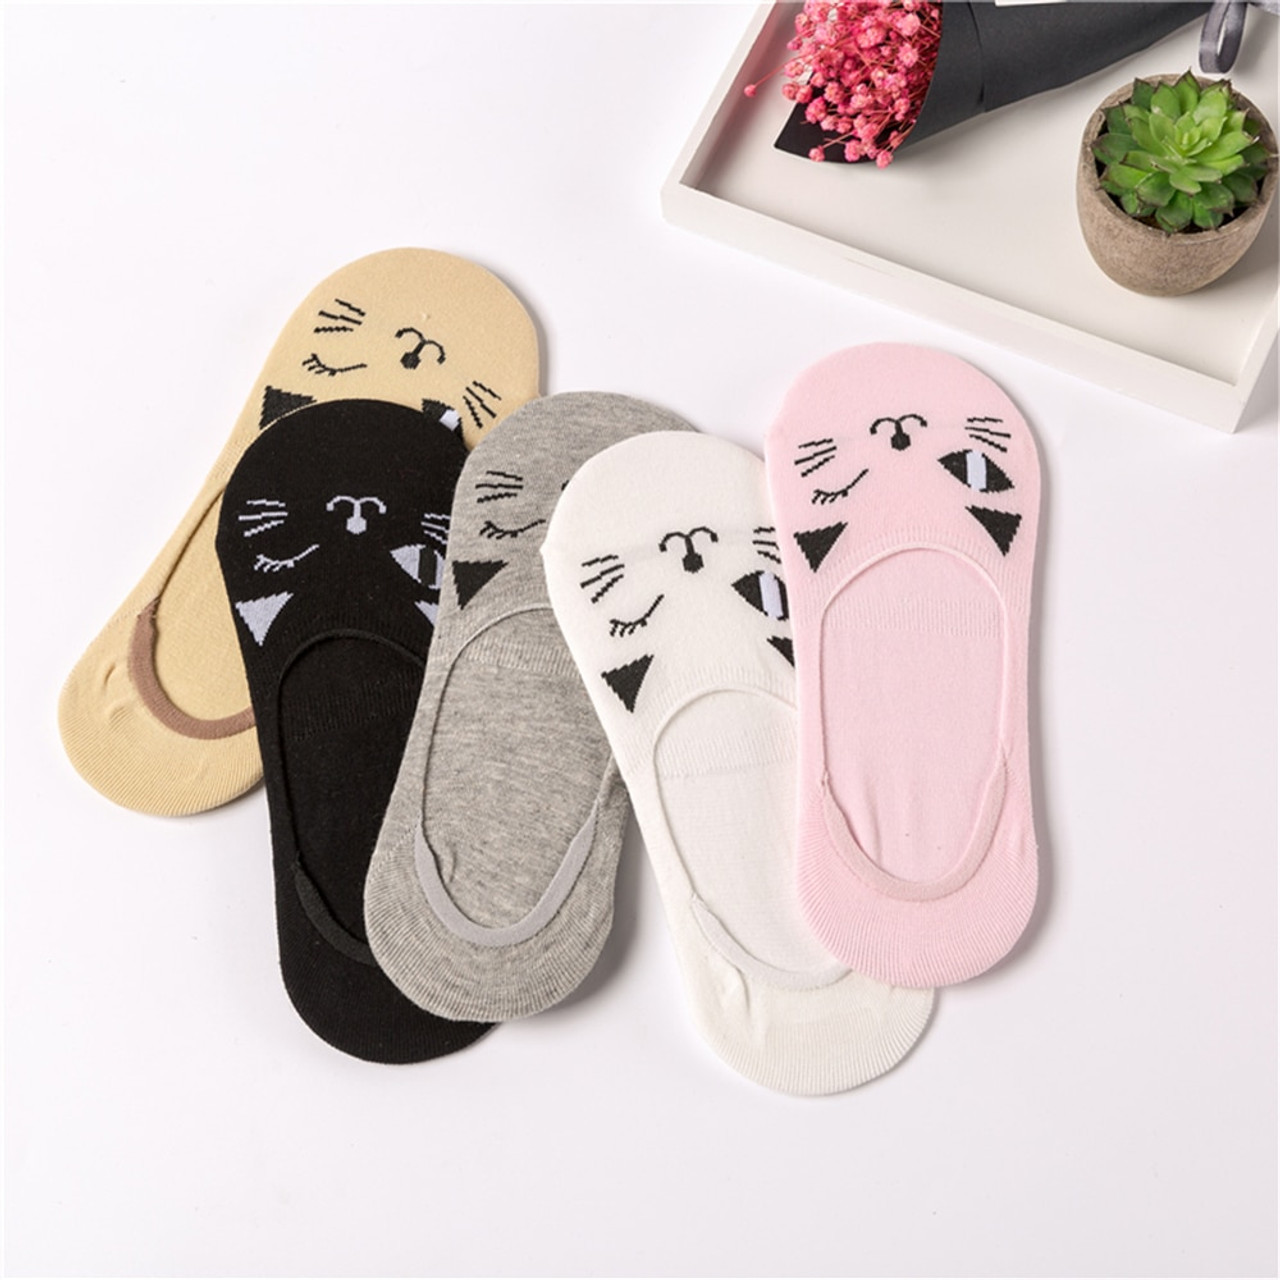 ea75e11ce ... Wholesale 5 pairs lot cute harajuku animal socks women summer korean  cat bear rabbit funny ...